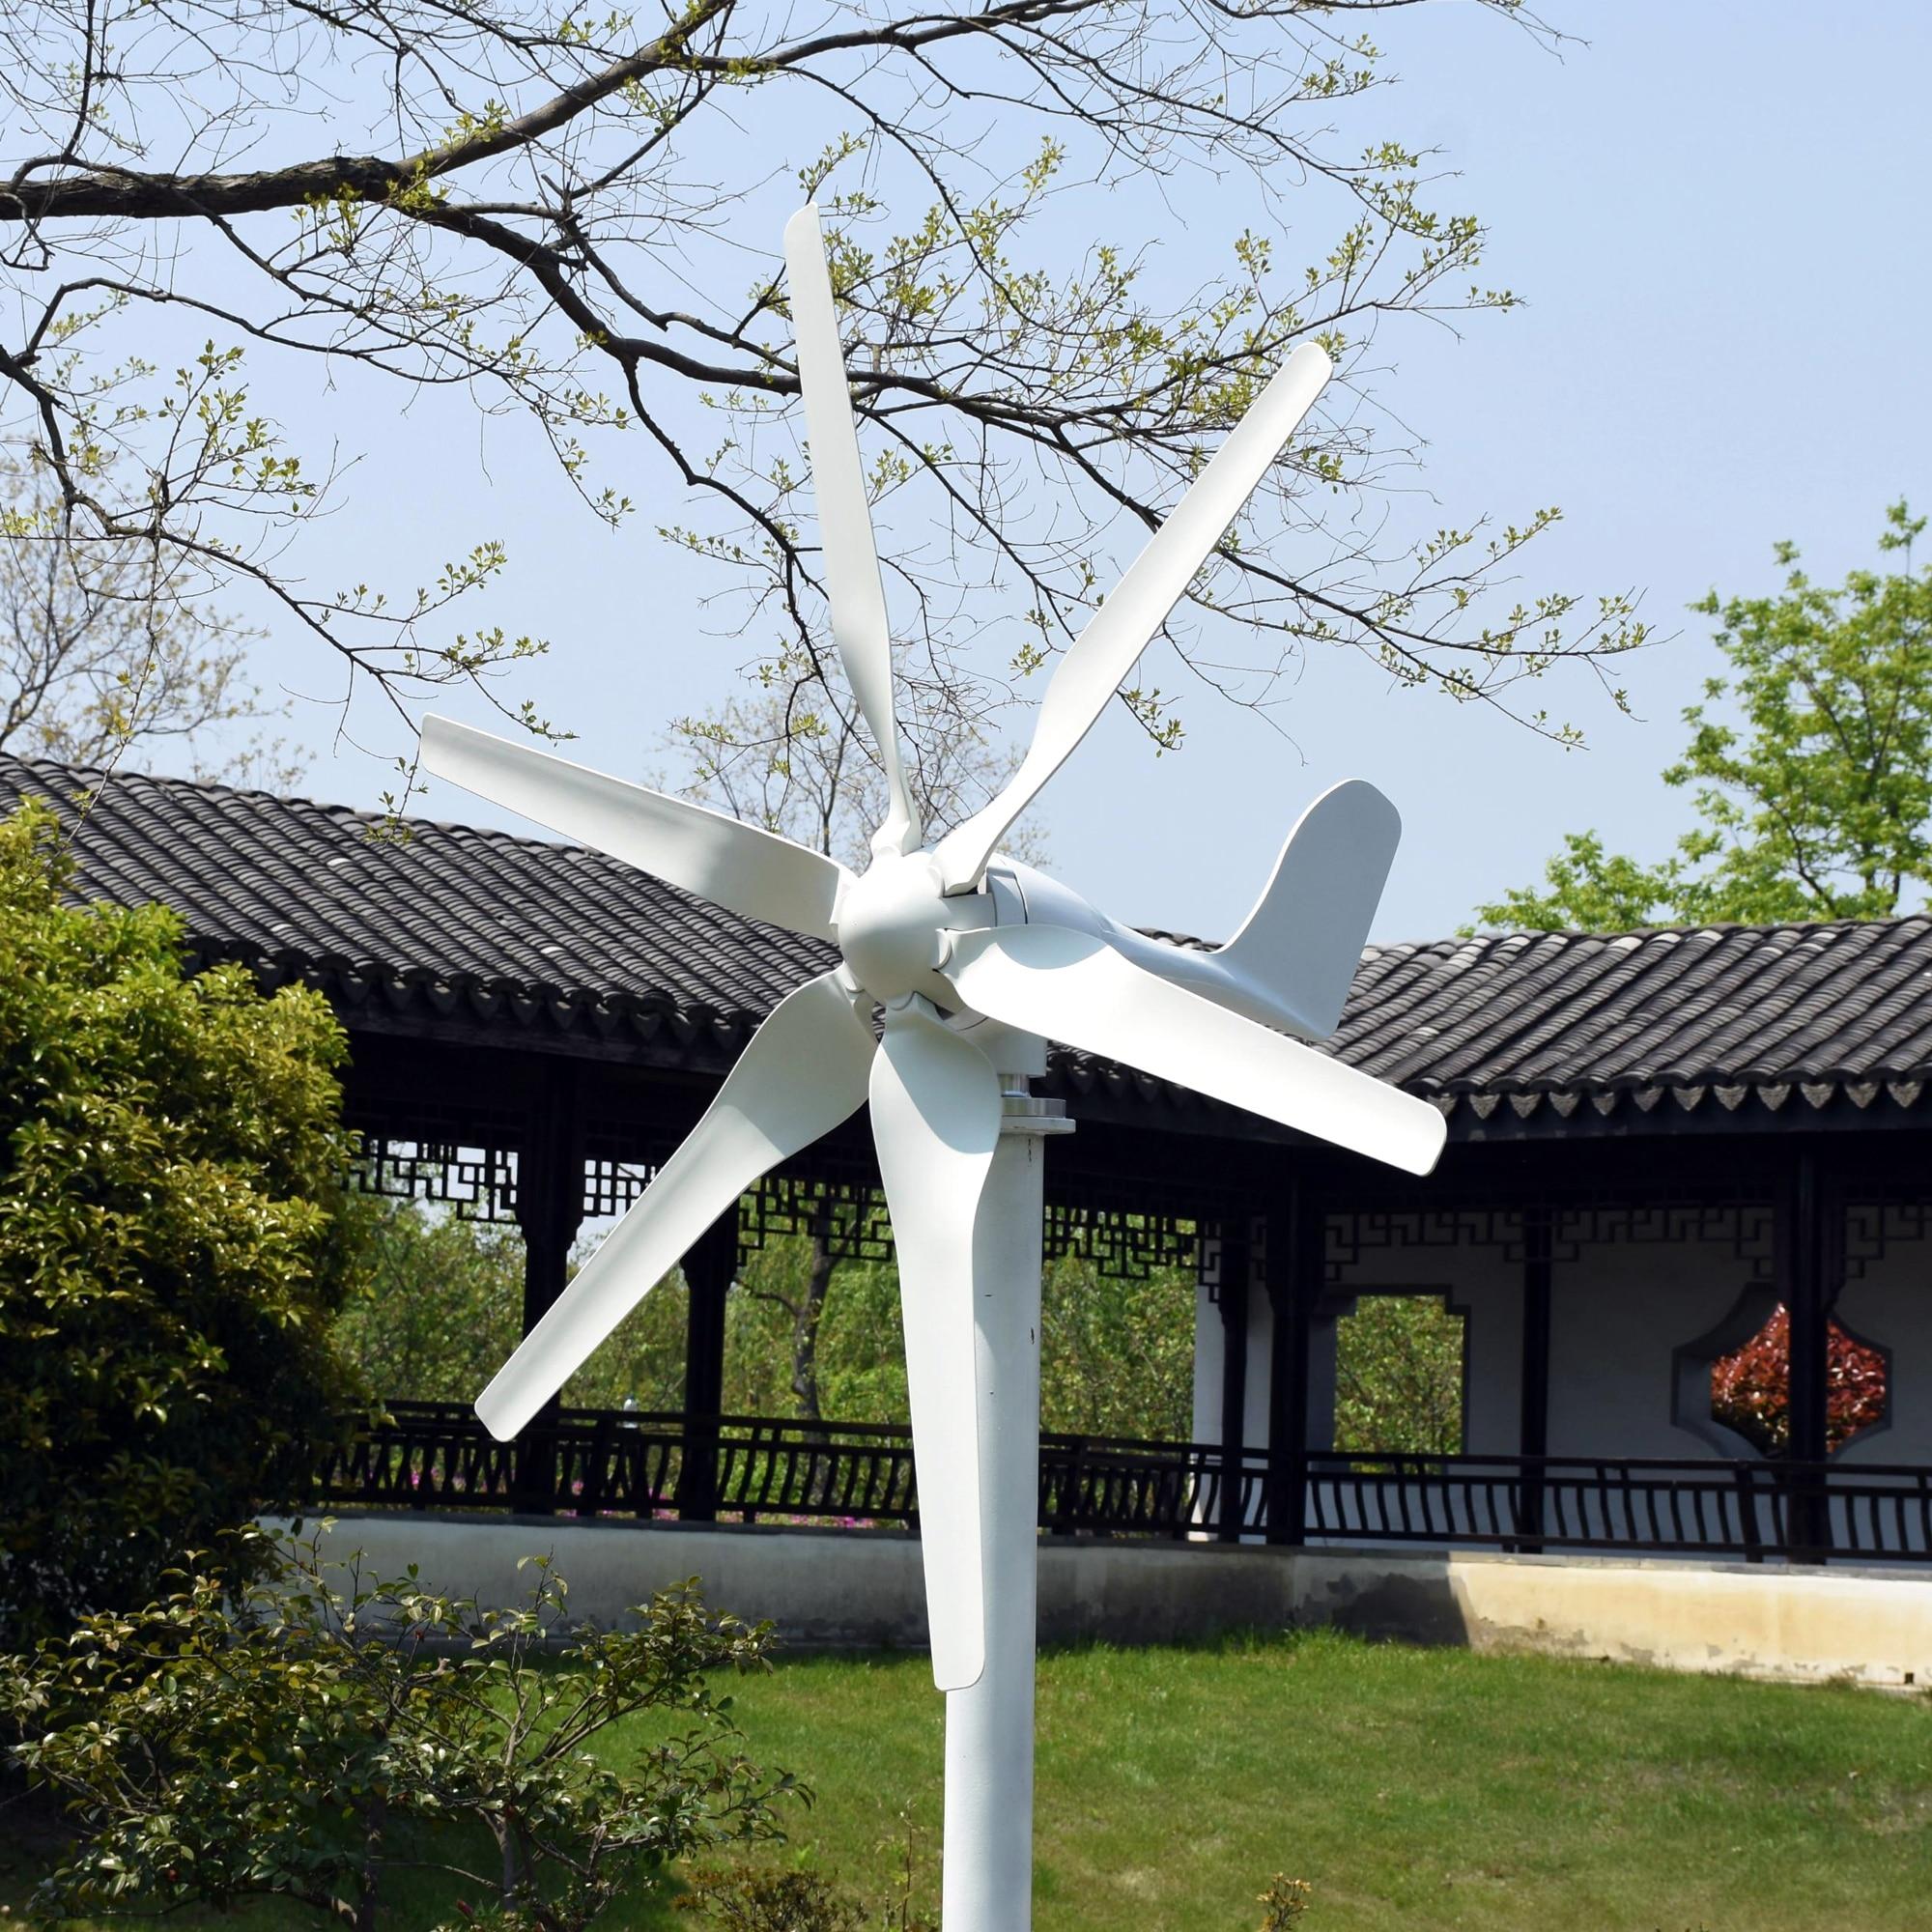 Espagne entrepôt 800W 12V 6 lames horizontale éolienne générateur usage domestique + étanche MPPT BOOST vent chargeur contrôleur